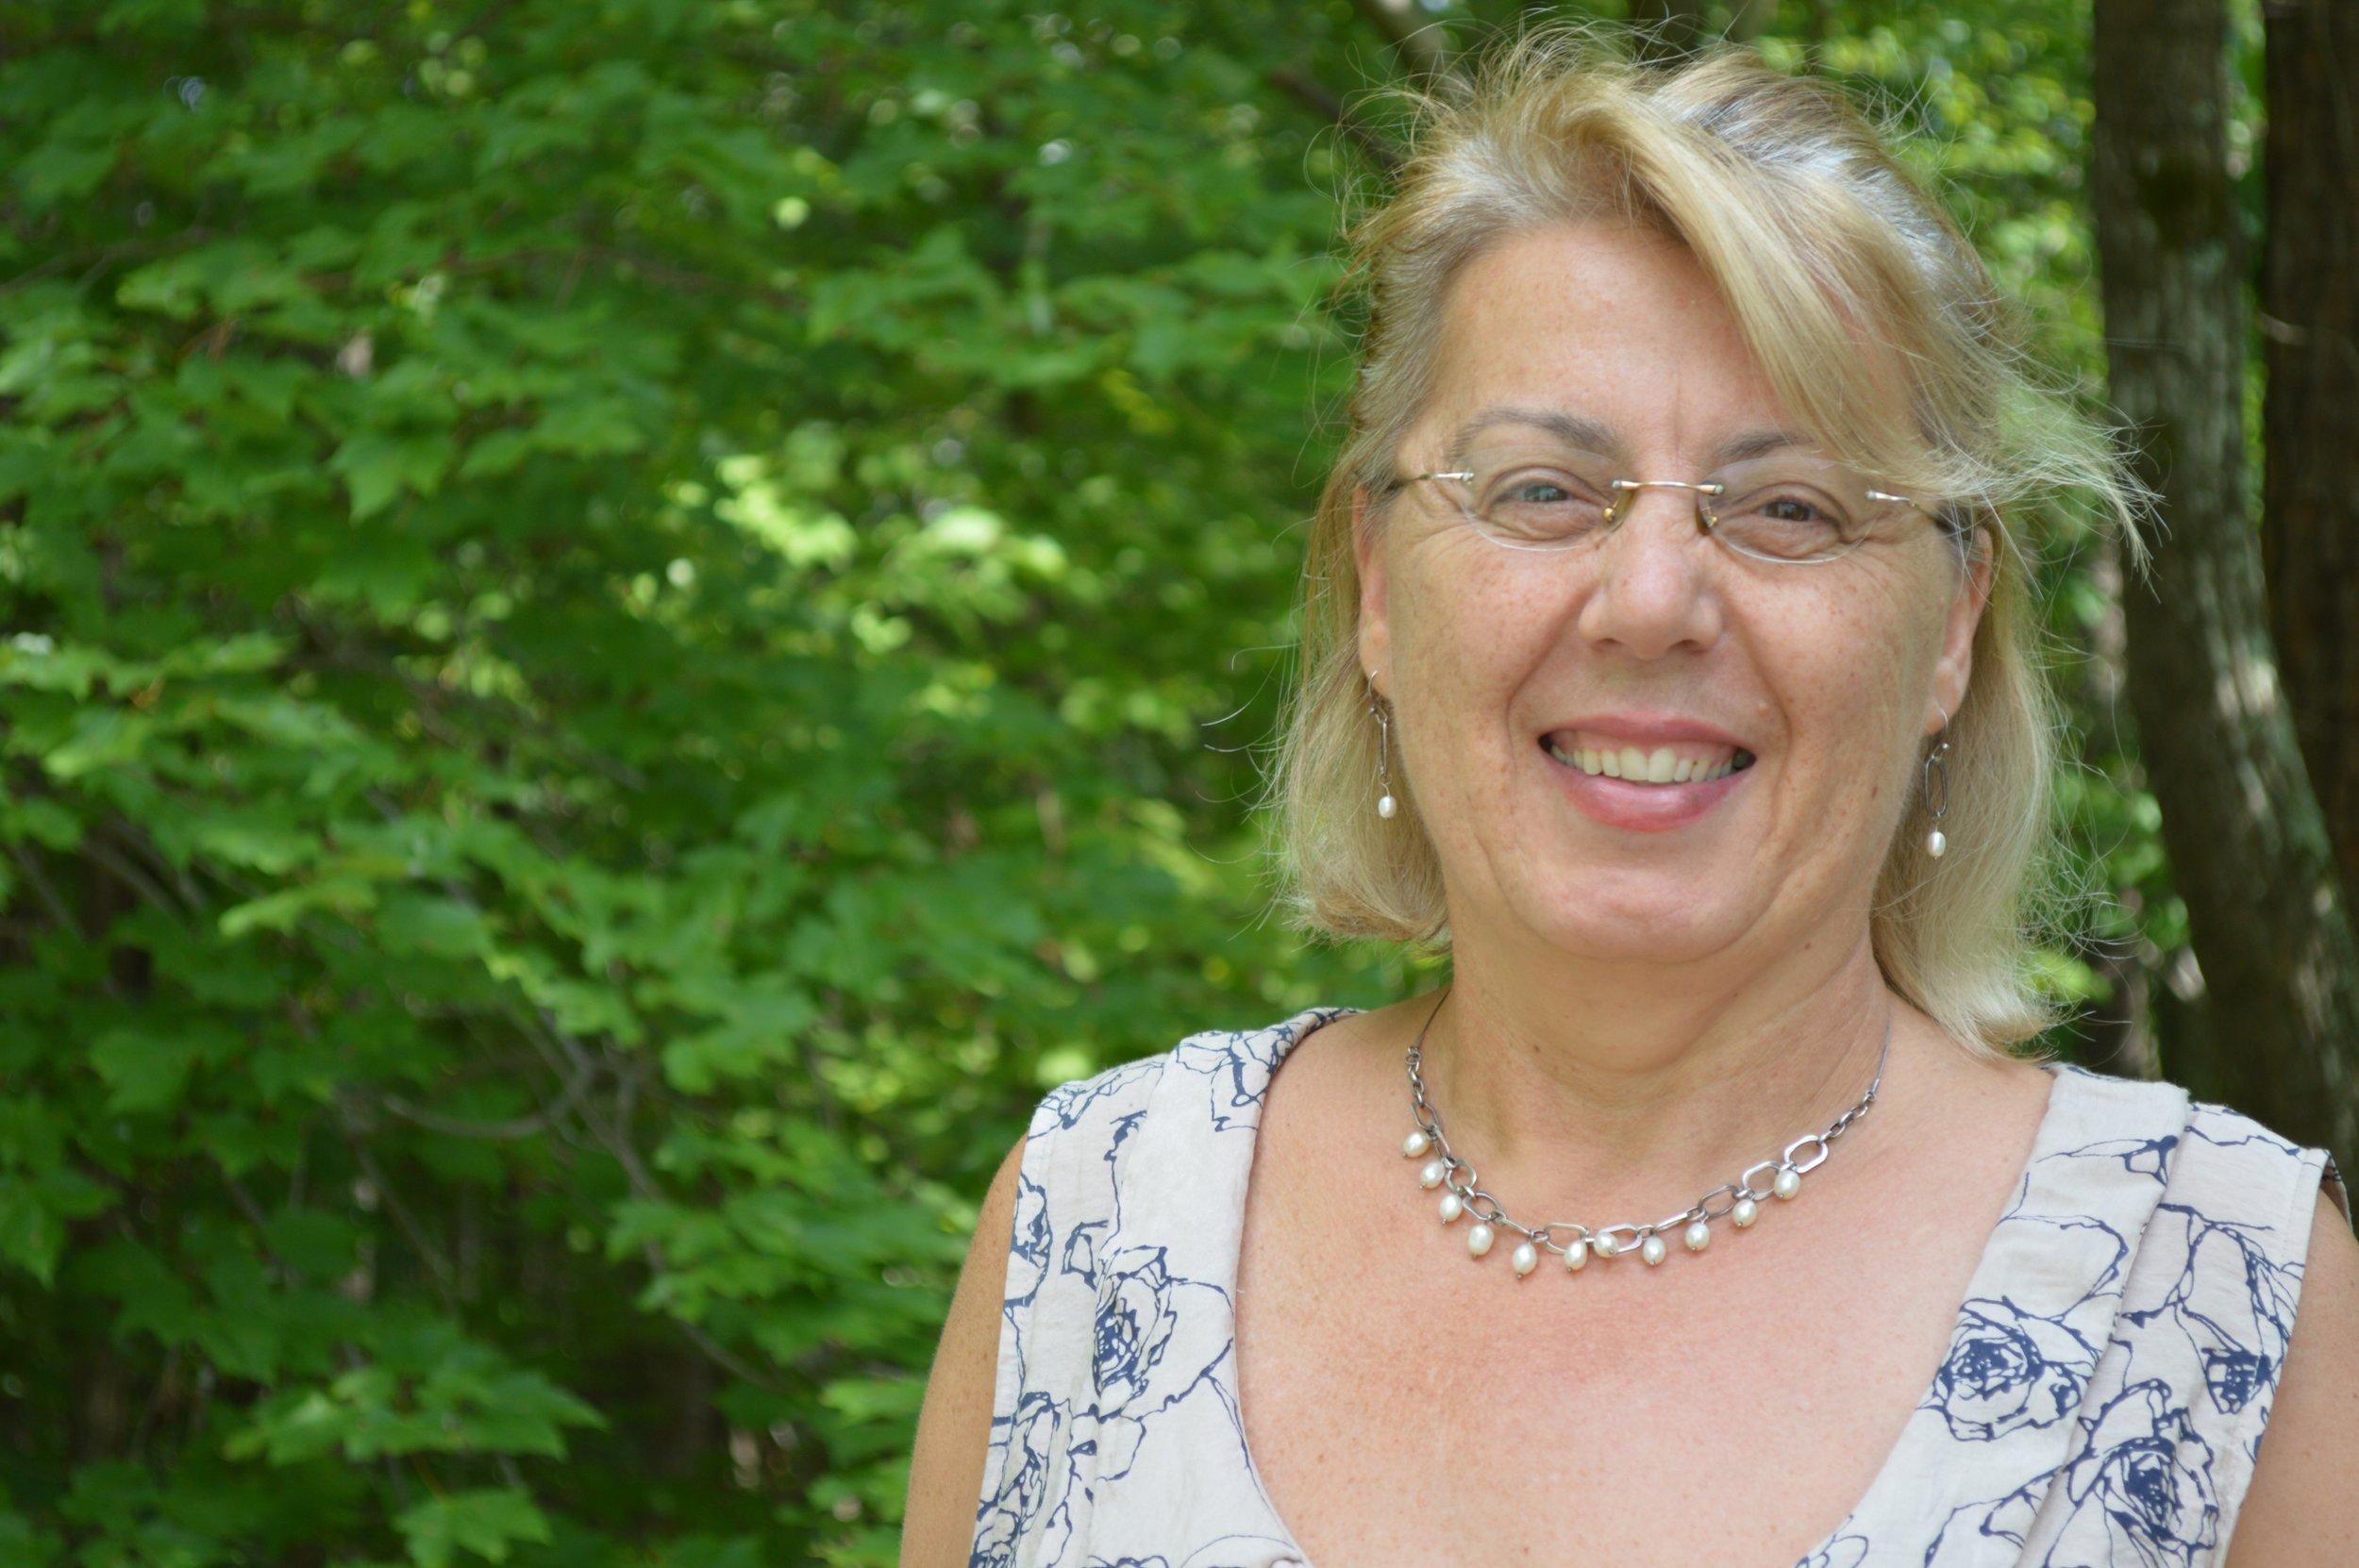 Lina Sibert